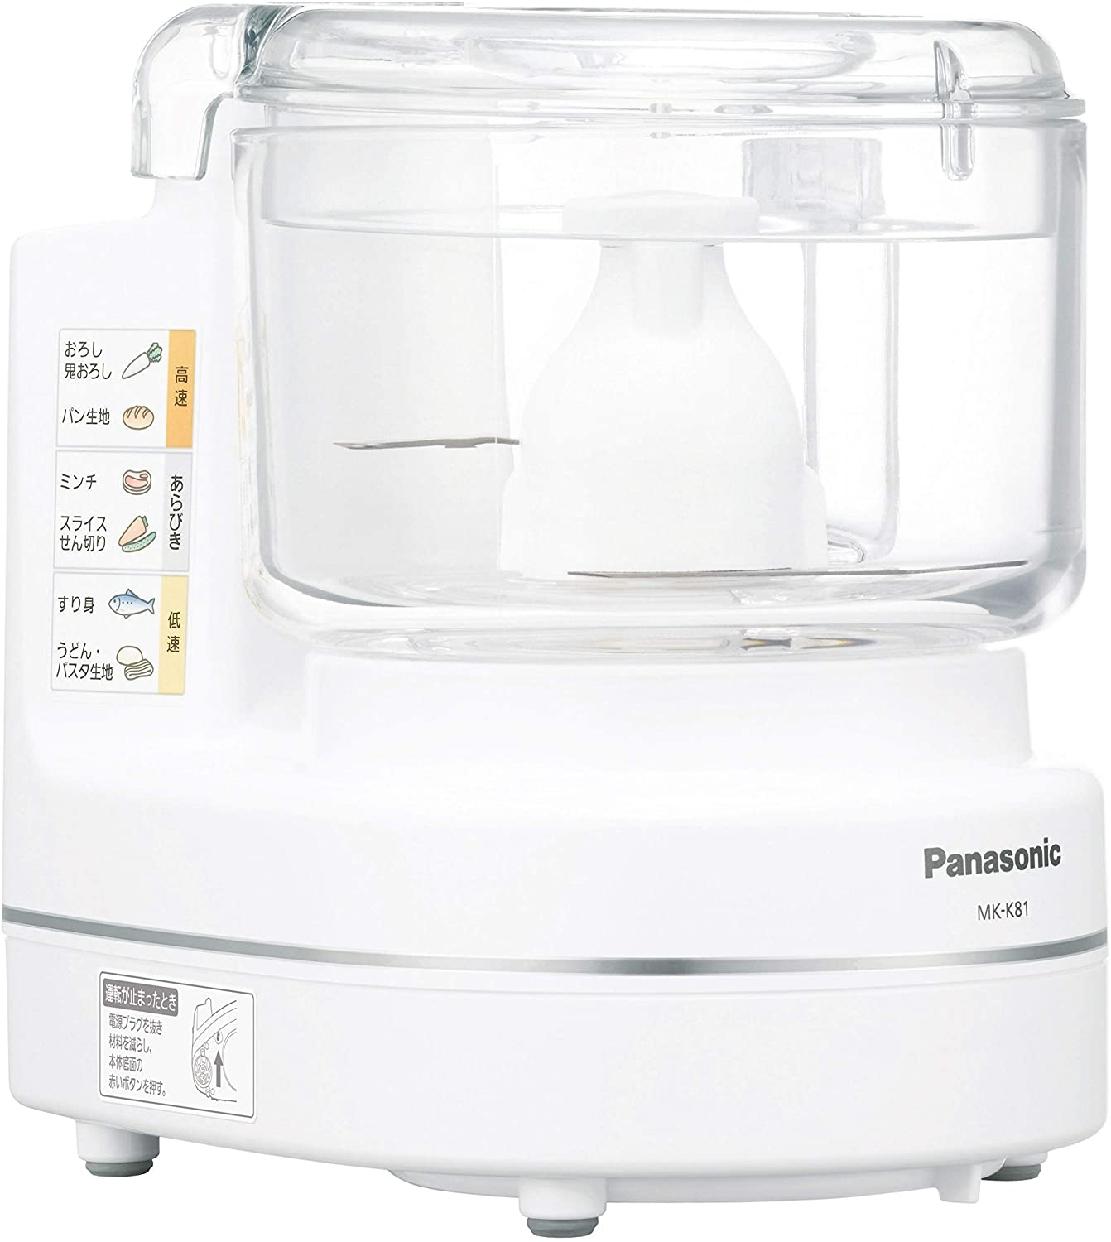 Panasonic(パナソニック) フードプロセッサー(ホワイト)MK-K81-Wの商品画像